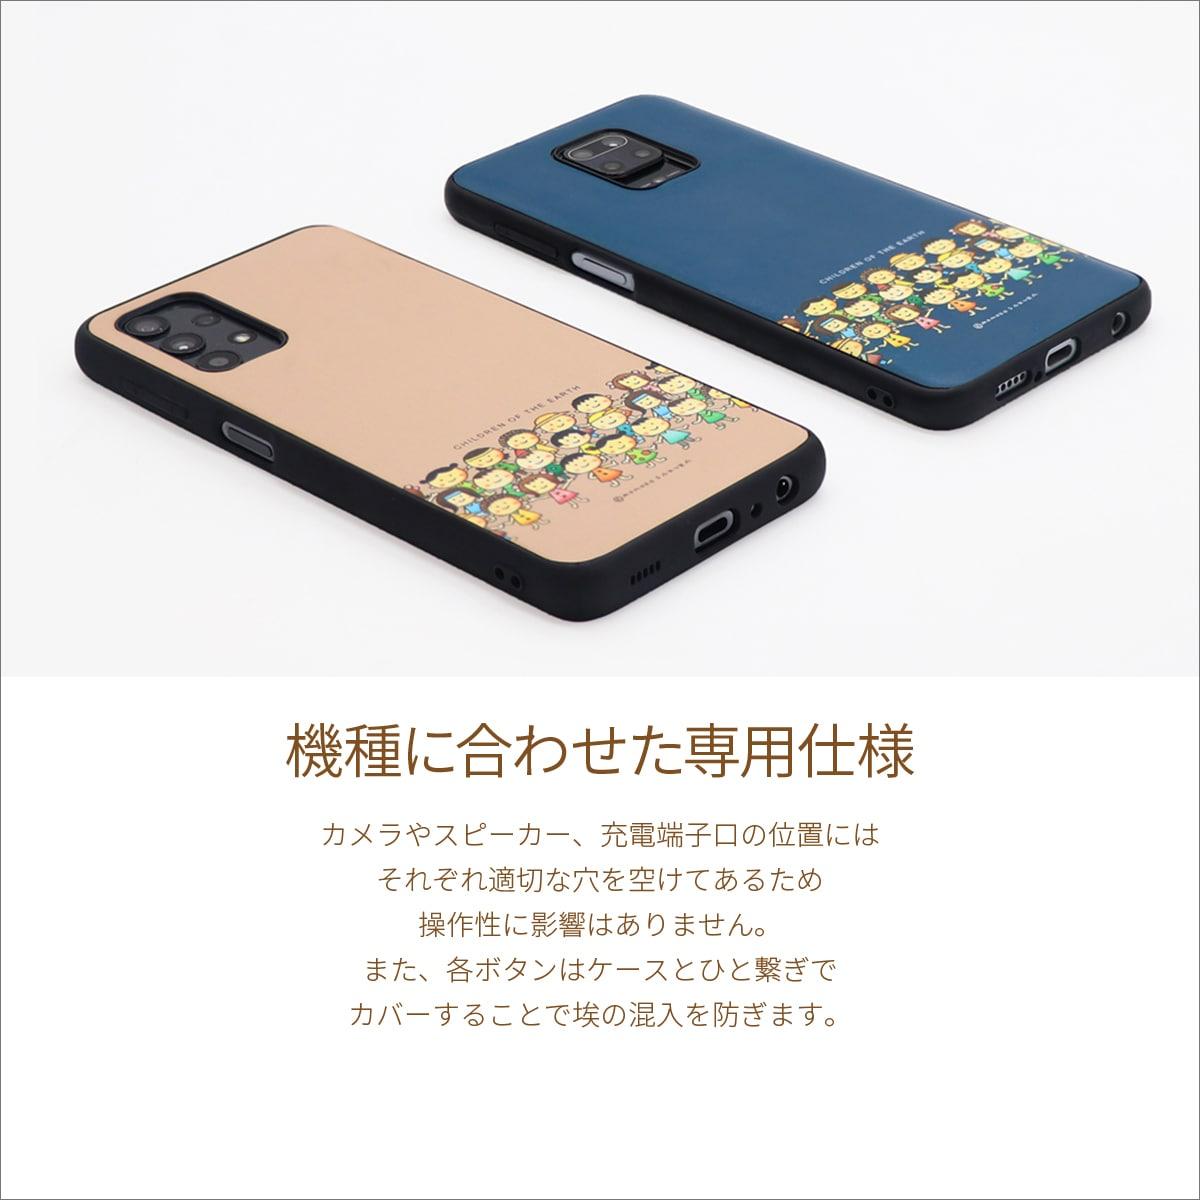 さくらももこ 地球の子供たち Xiaomi ケース Redmi Note 10 Pro 9T Note 9T Note 9S Mi Note 10 Mi Note 10 Pro スマホケース ハードカバー ミーノートテン ハードケース ストラップホール シンプル シャオミ